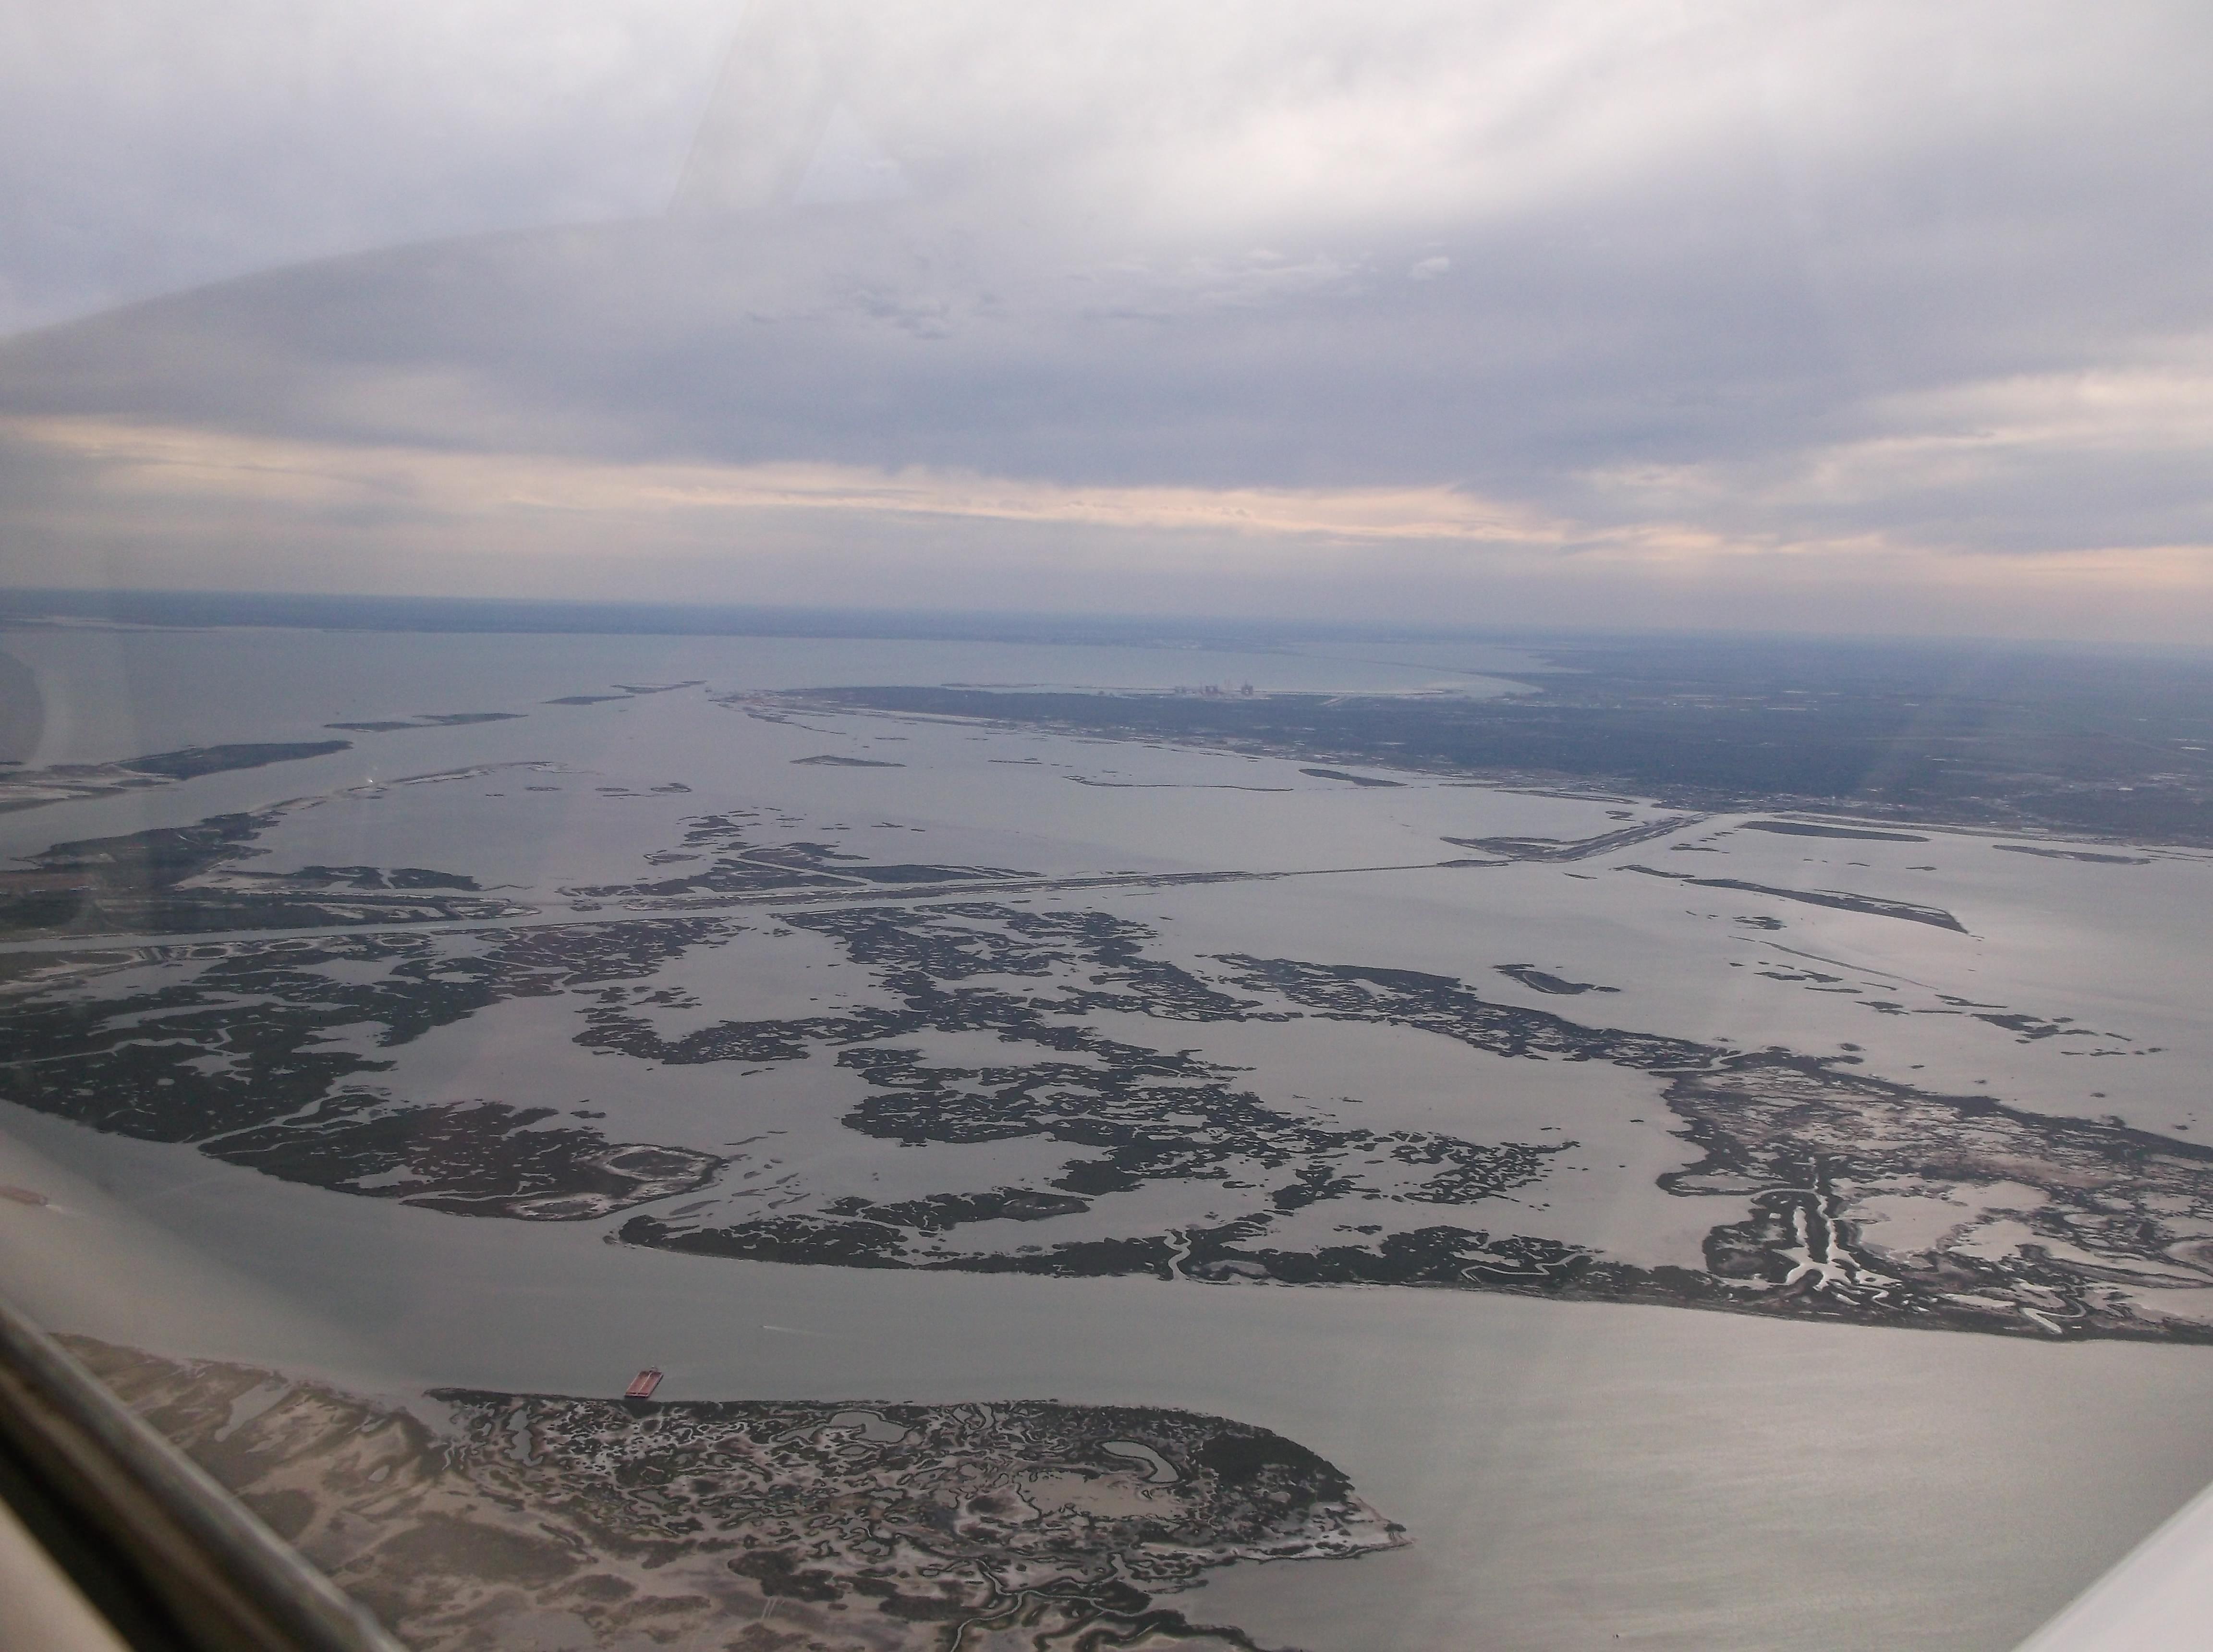 Mustang Beach Island (KRAS) Approach